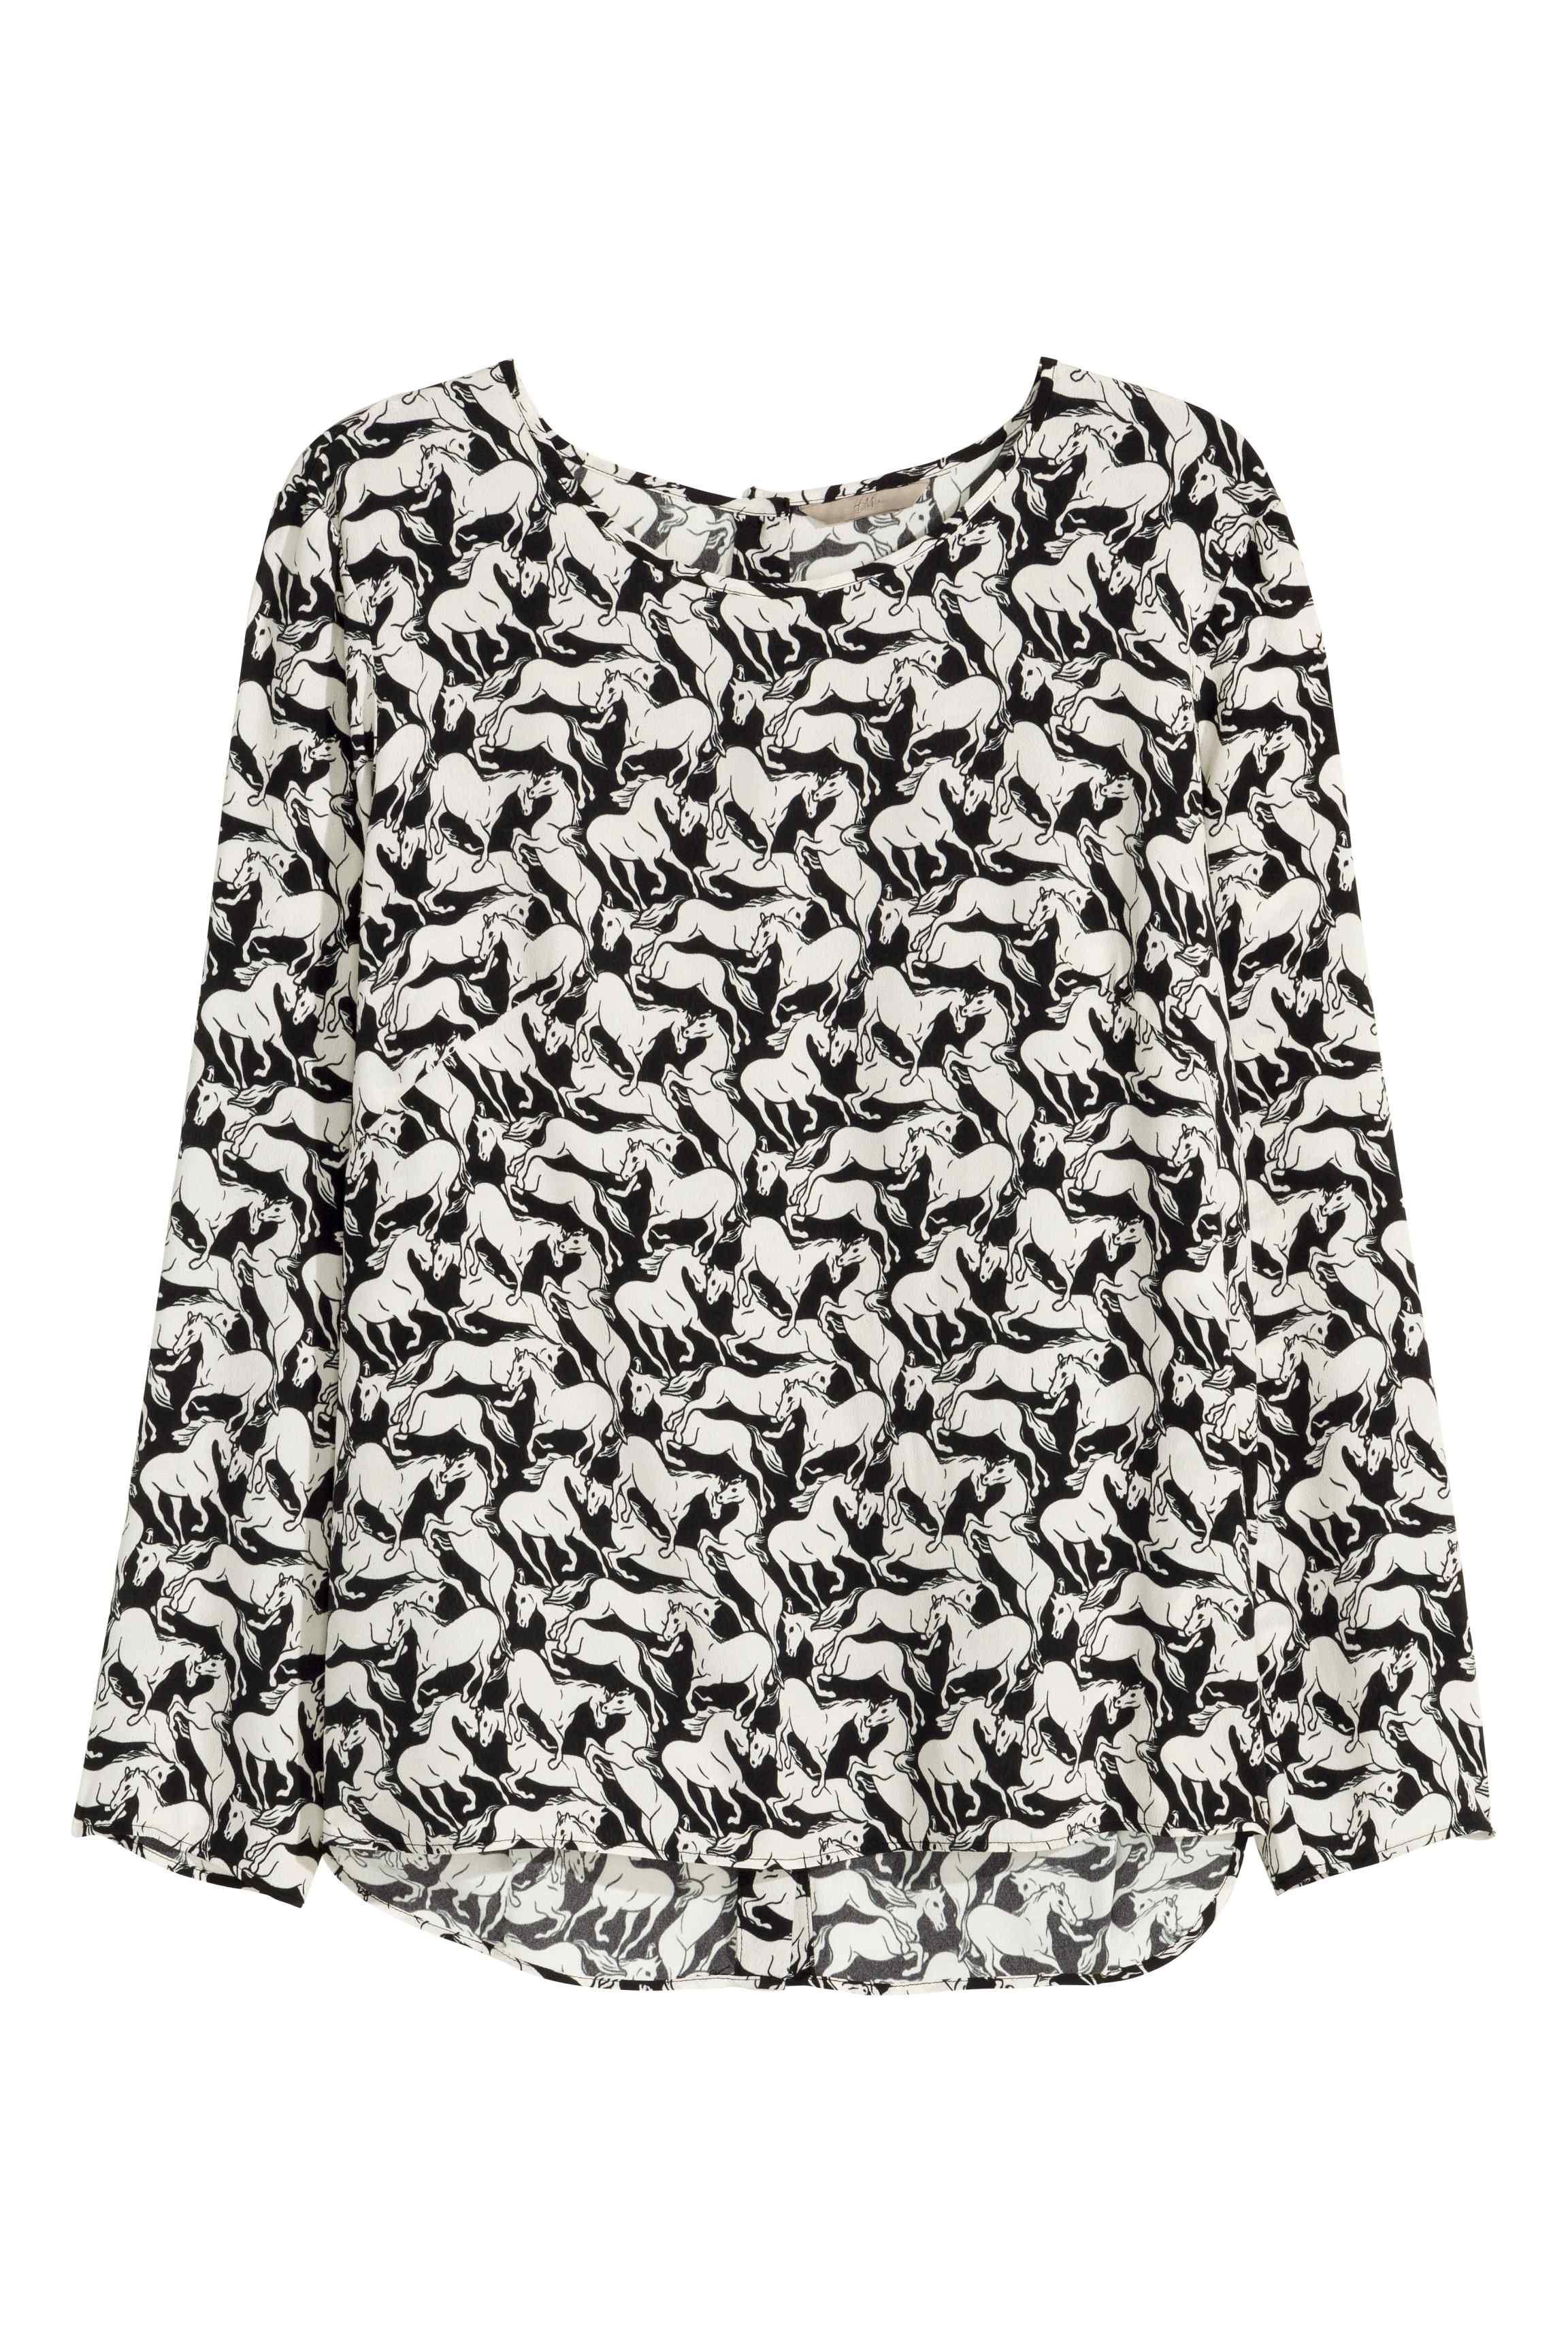 H&M+ Blusa estampada | H&M